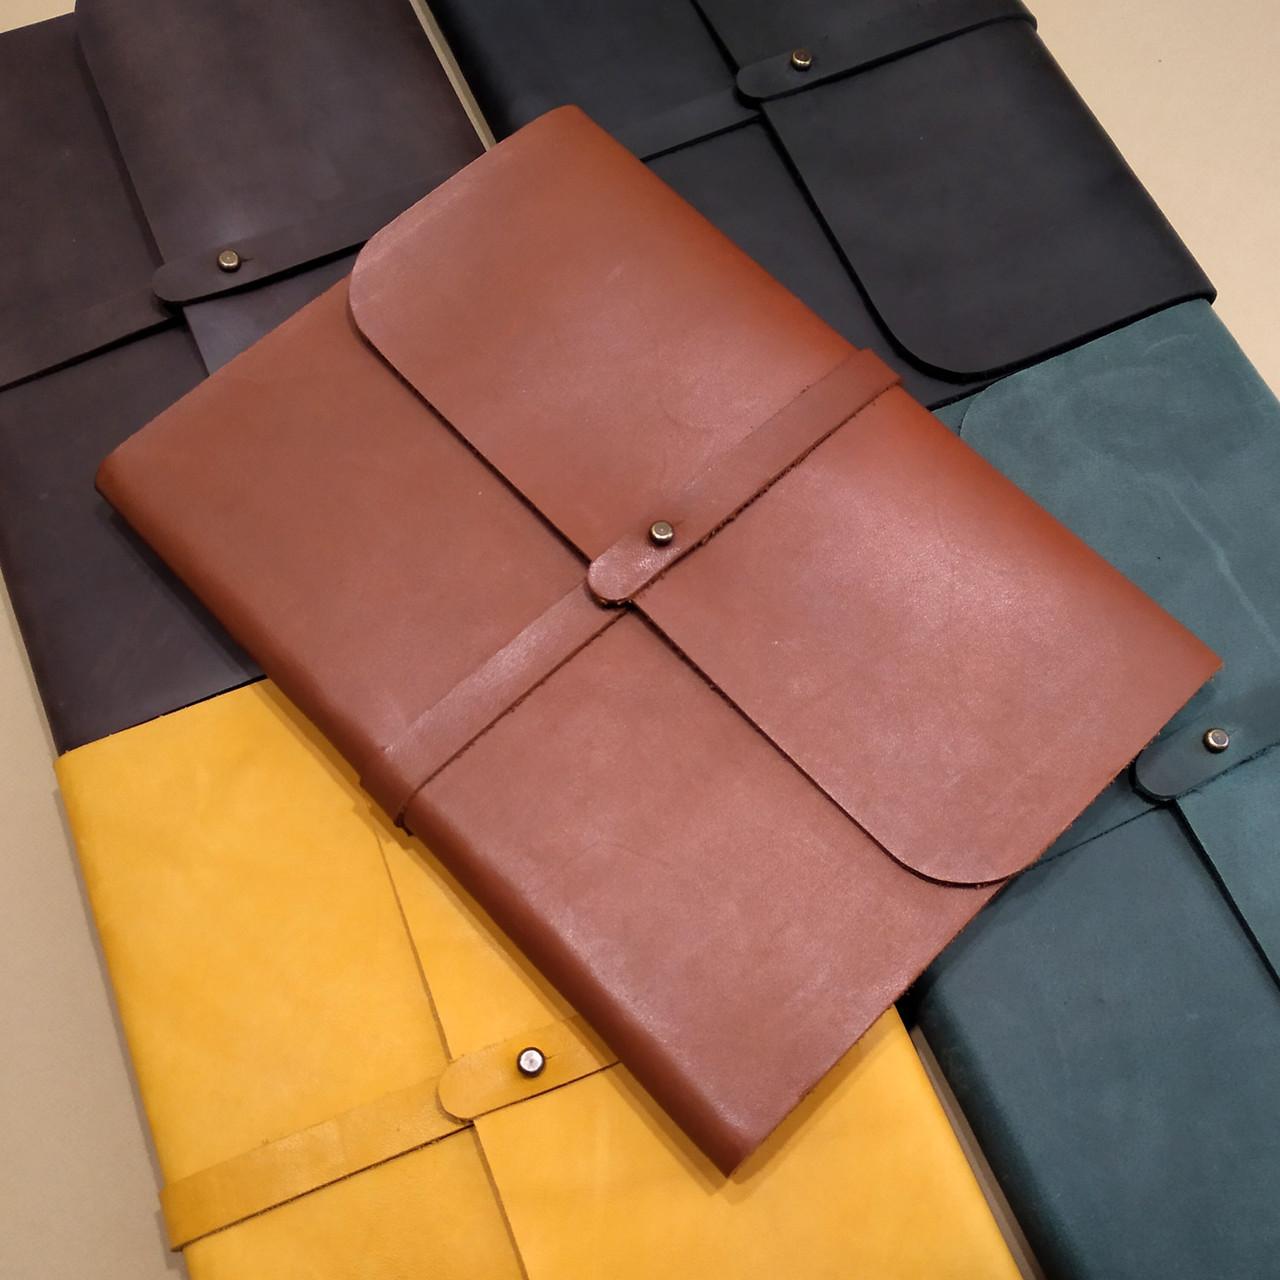 2a9d3288558b Блокнот А5 в кожаной обложке ручной работы от мастерской Wood & Leather